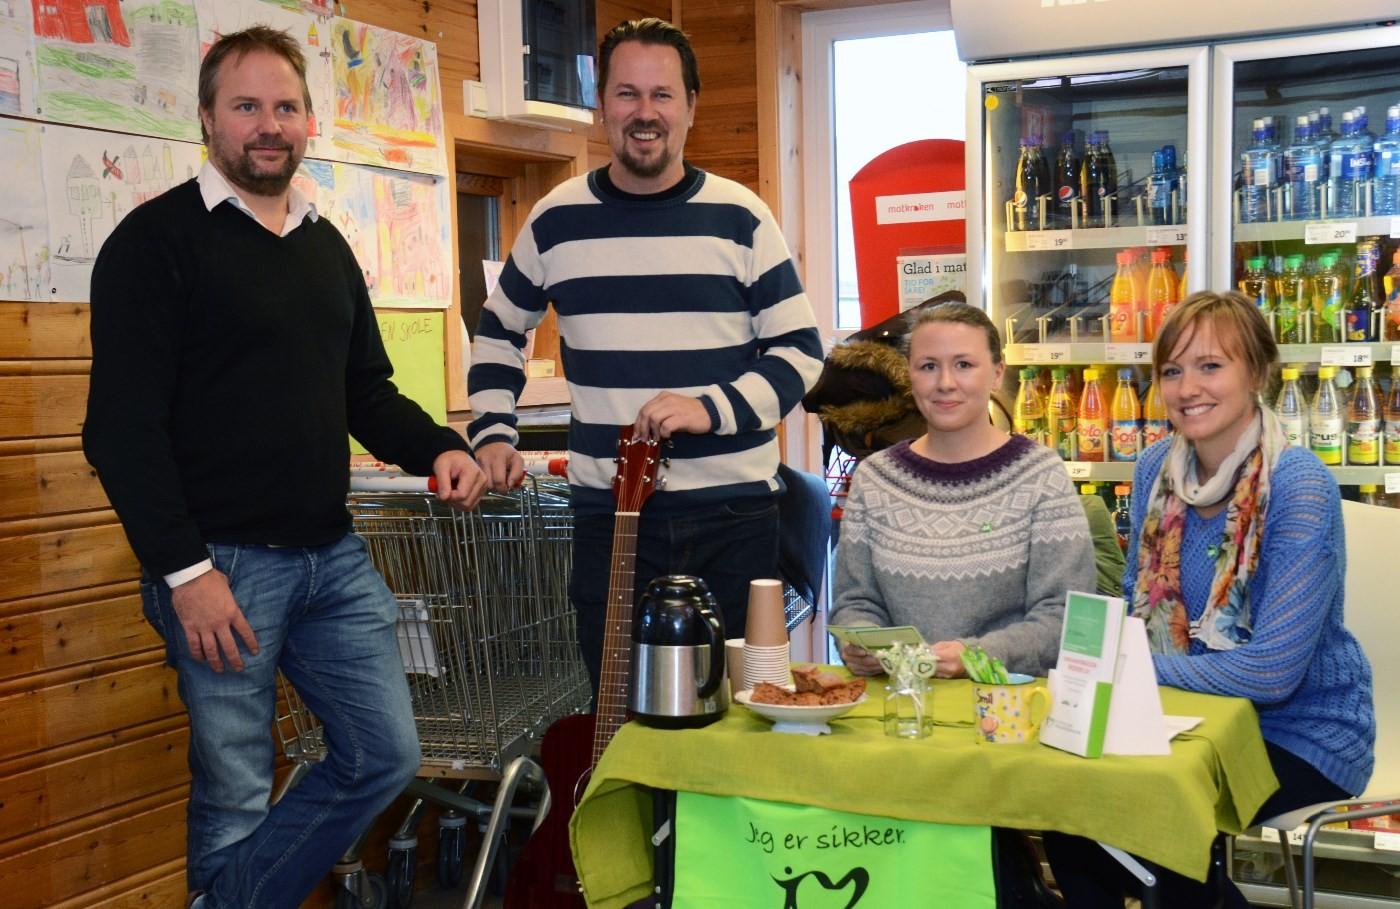 Markerte donordagen - frå venstre Svein Håvard Saksen, Inge Bævre, Fay Johansen og Ingvild Kårvatn.